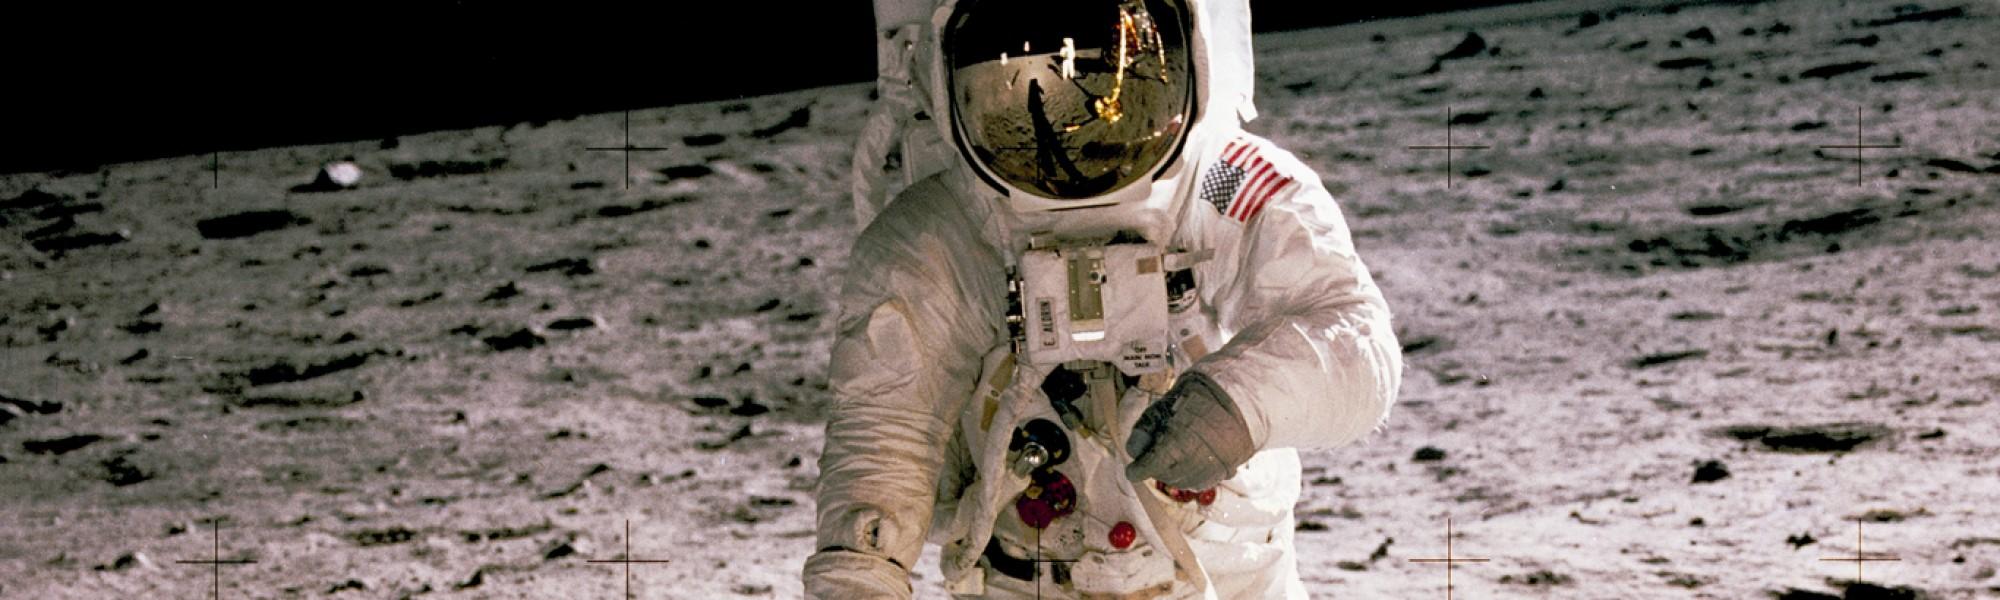 Apollo Moon Landing Image: NASA